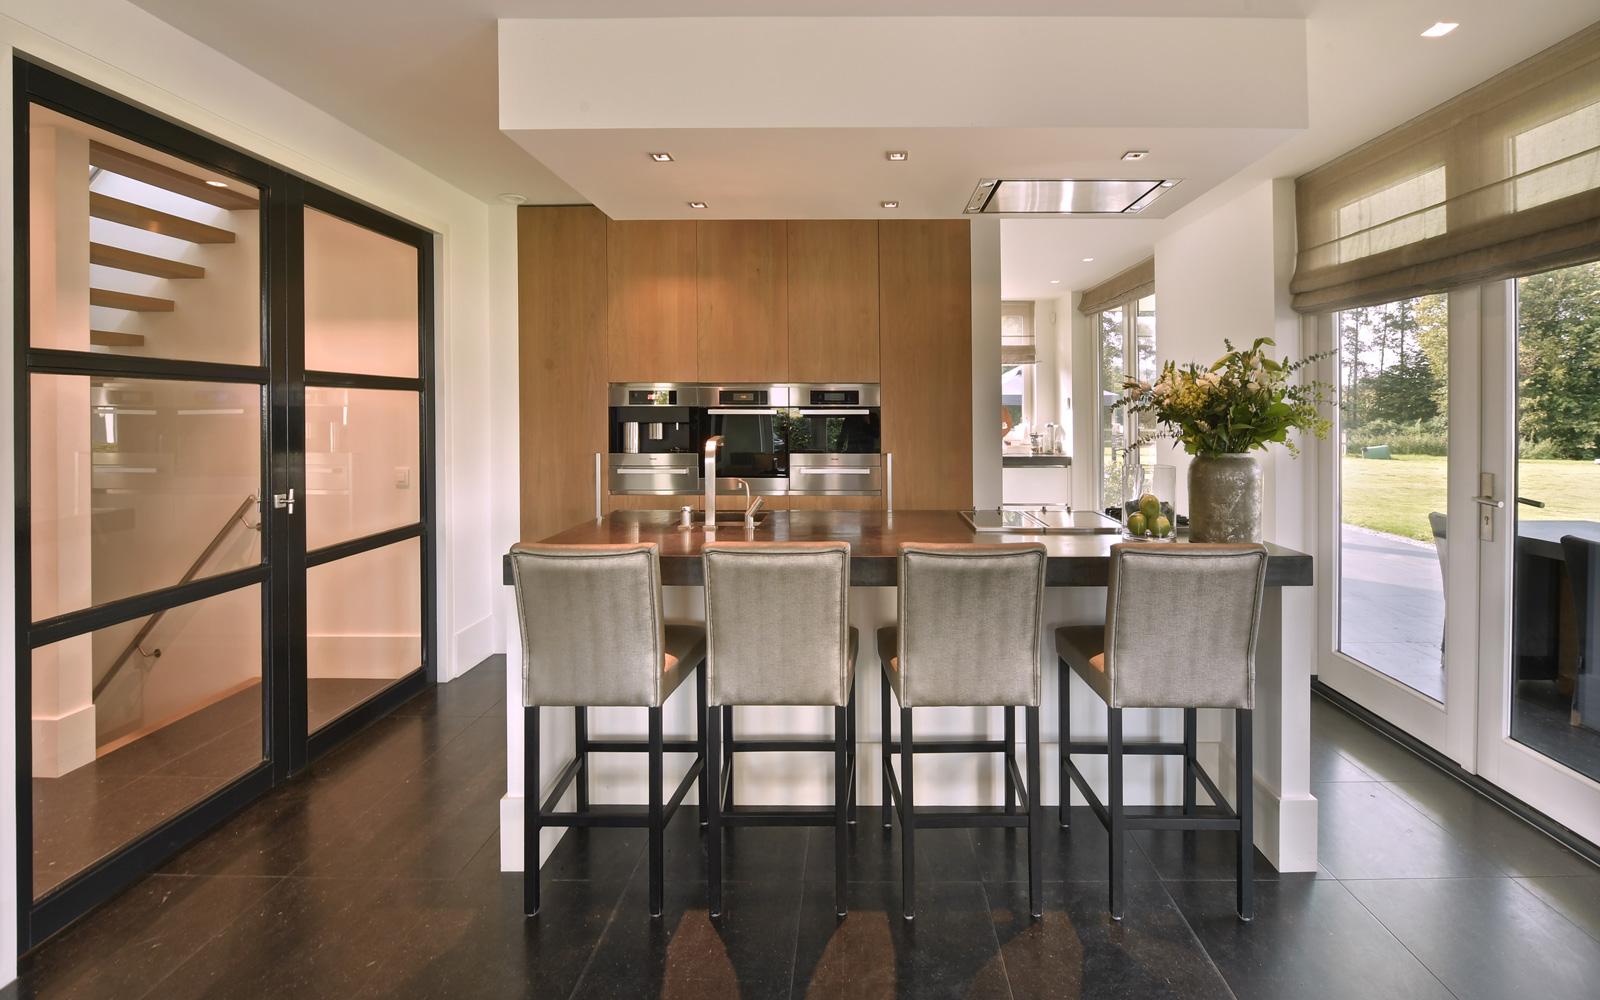 De exclusieve keuken is voorzien van luxe keukenapparatuur.